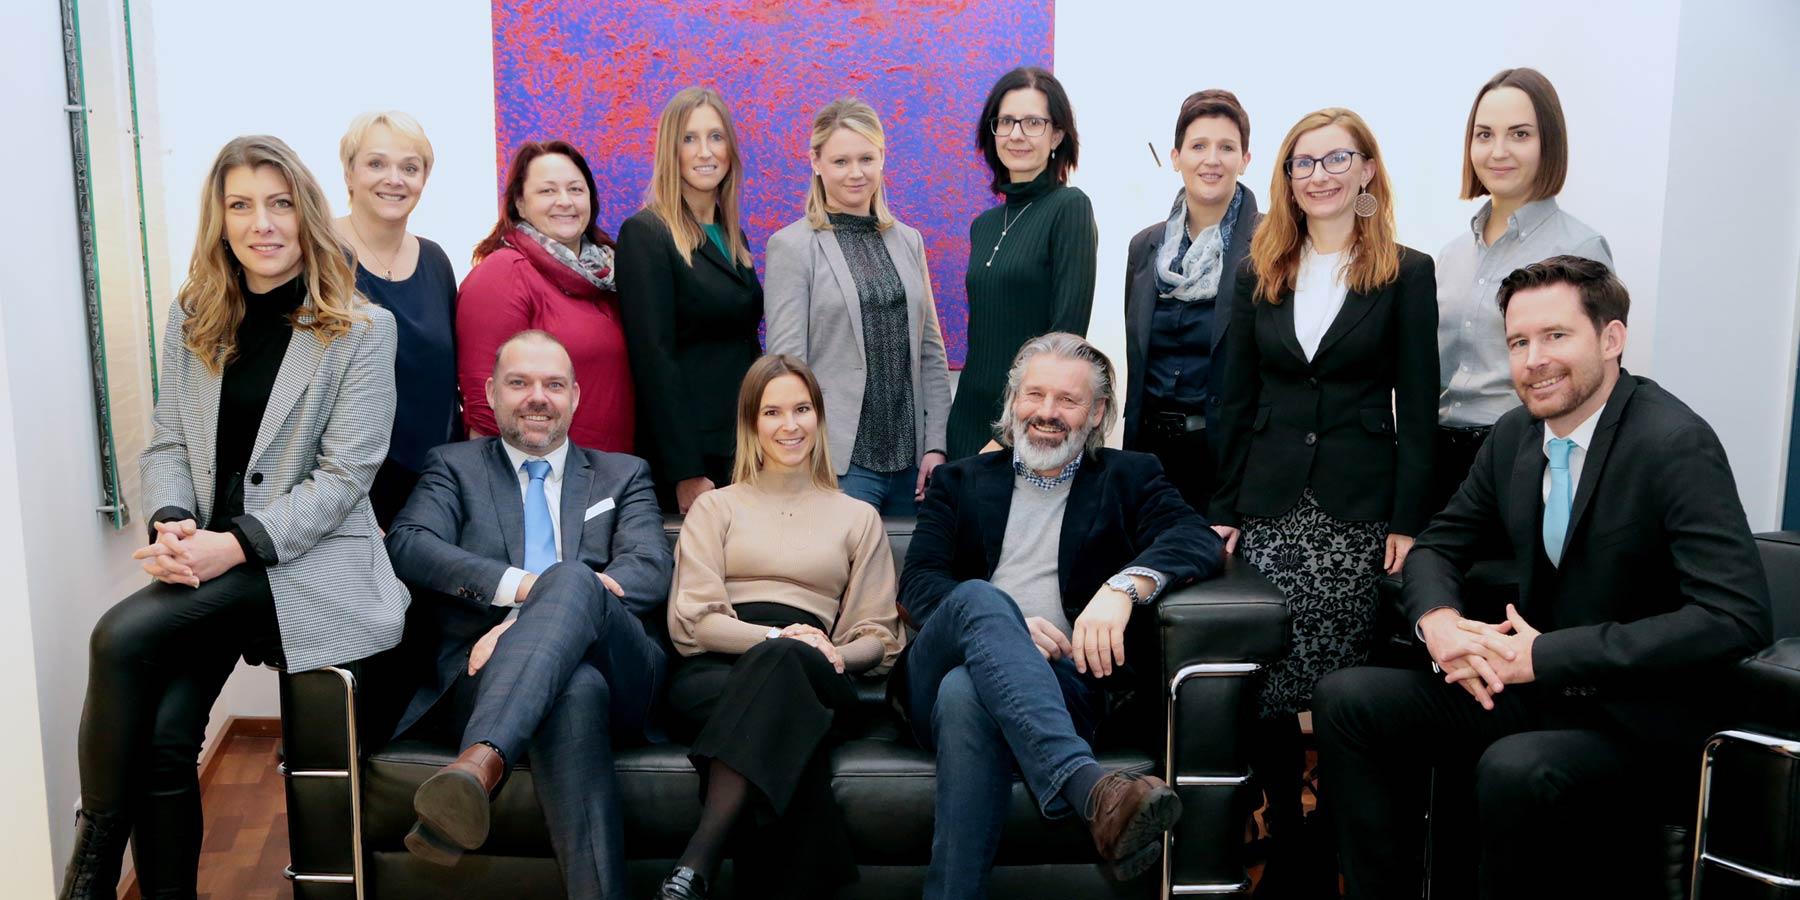 Notar Klagenfurt Team - Alle Mitarbeiter